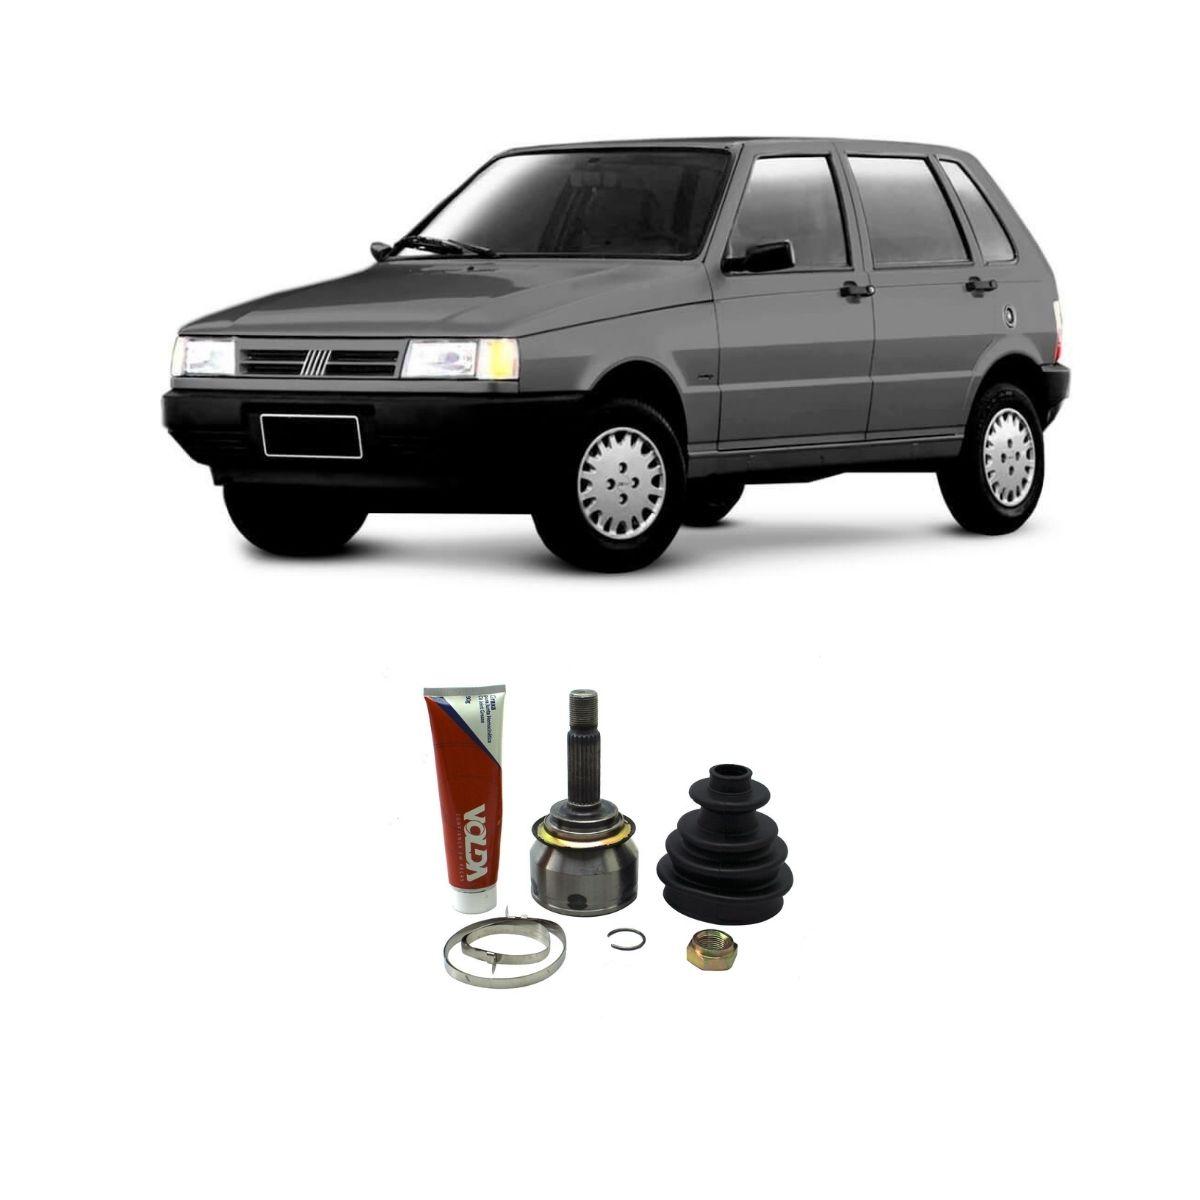 Junta Homocinética Deslizante Chevrolet Classic Vhc 94/03